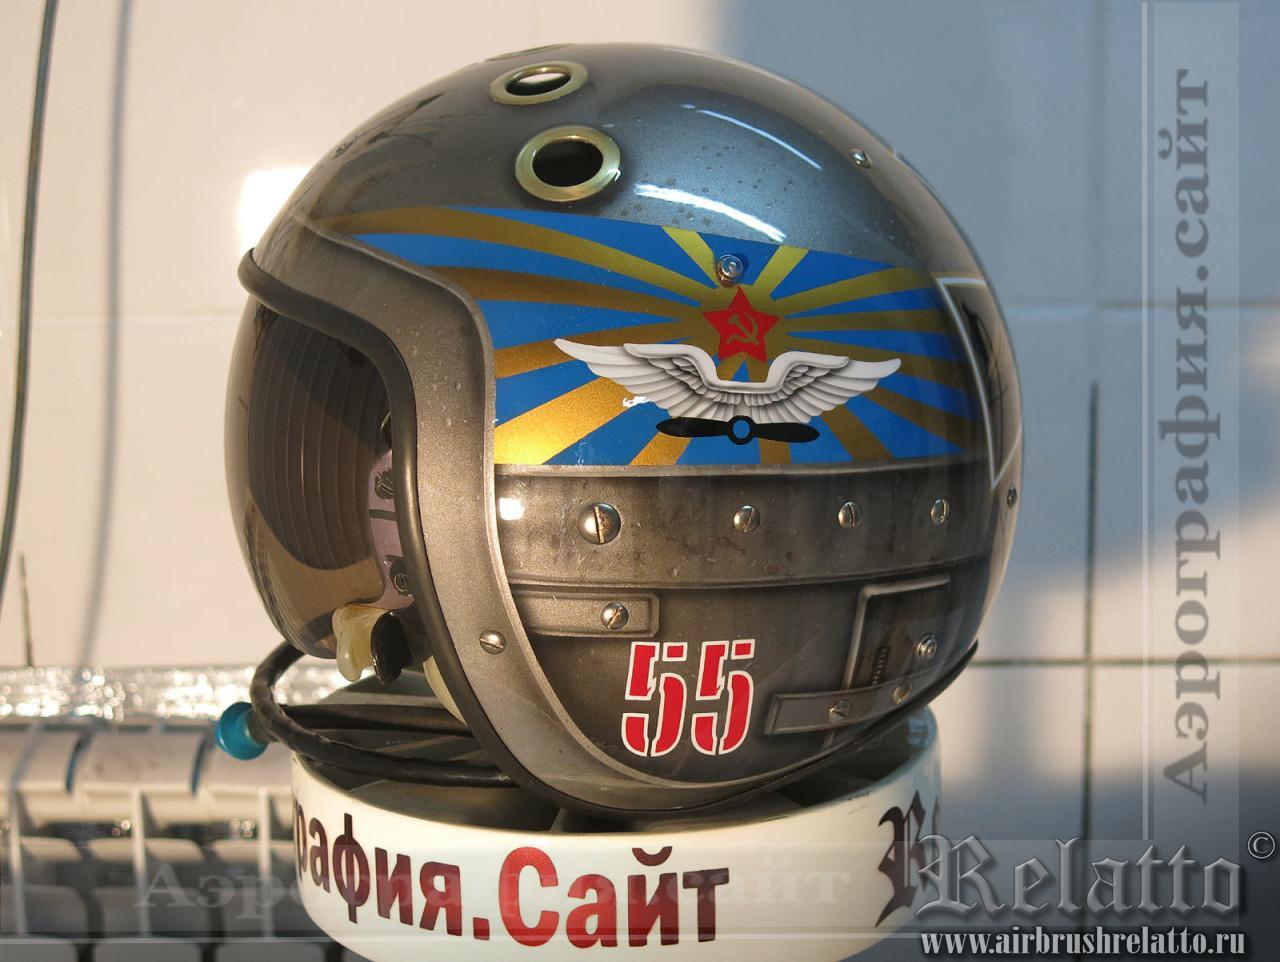 летный шлем с аэрографией в Краснодаре